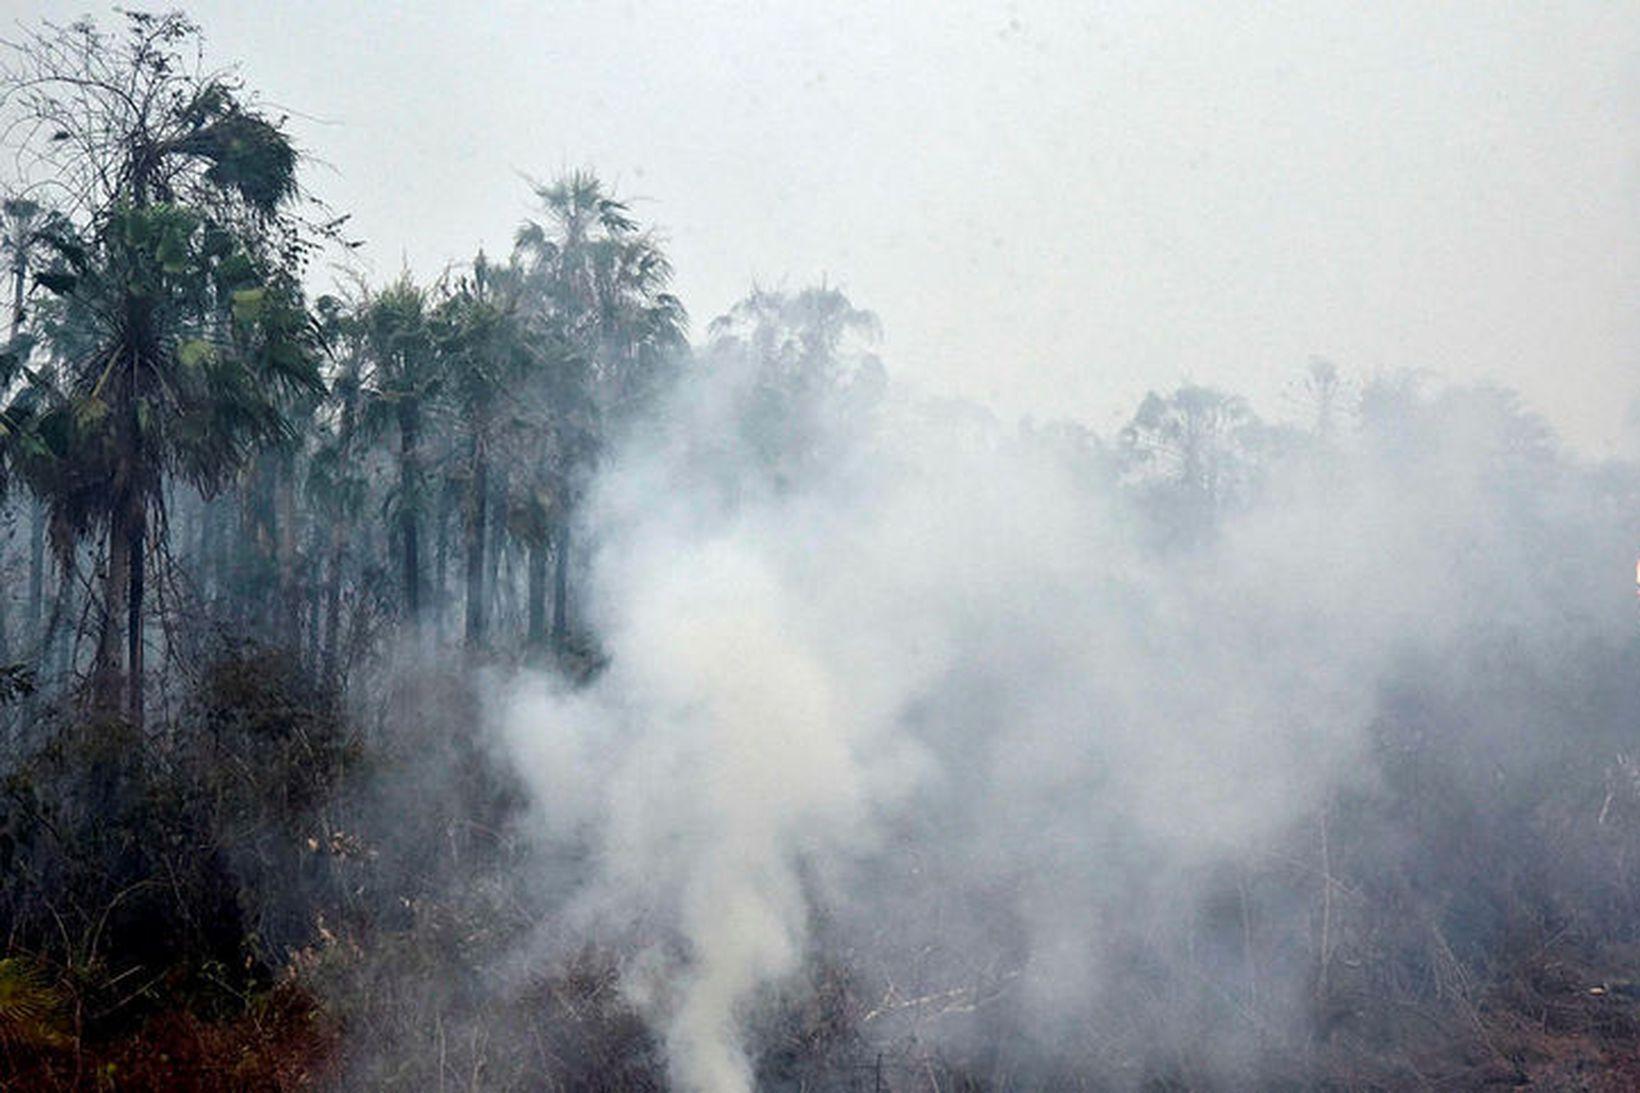 Óvenjumargir gróðureldar loga nú í Brasilíu, flestir þeirra í Amazon.